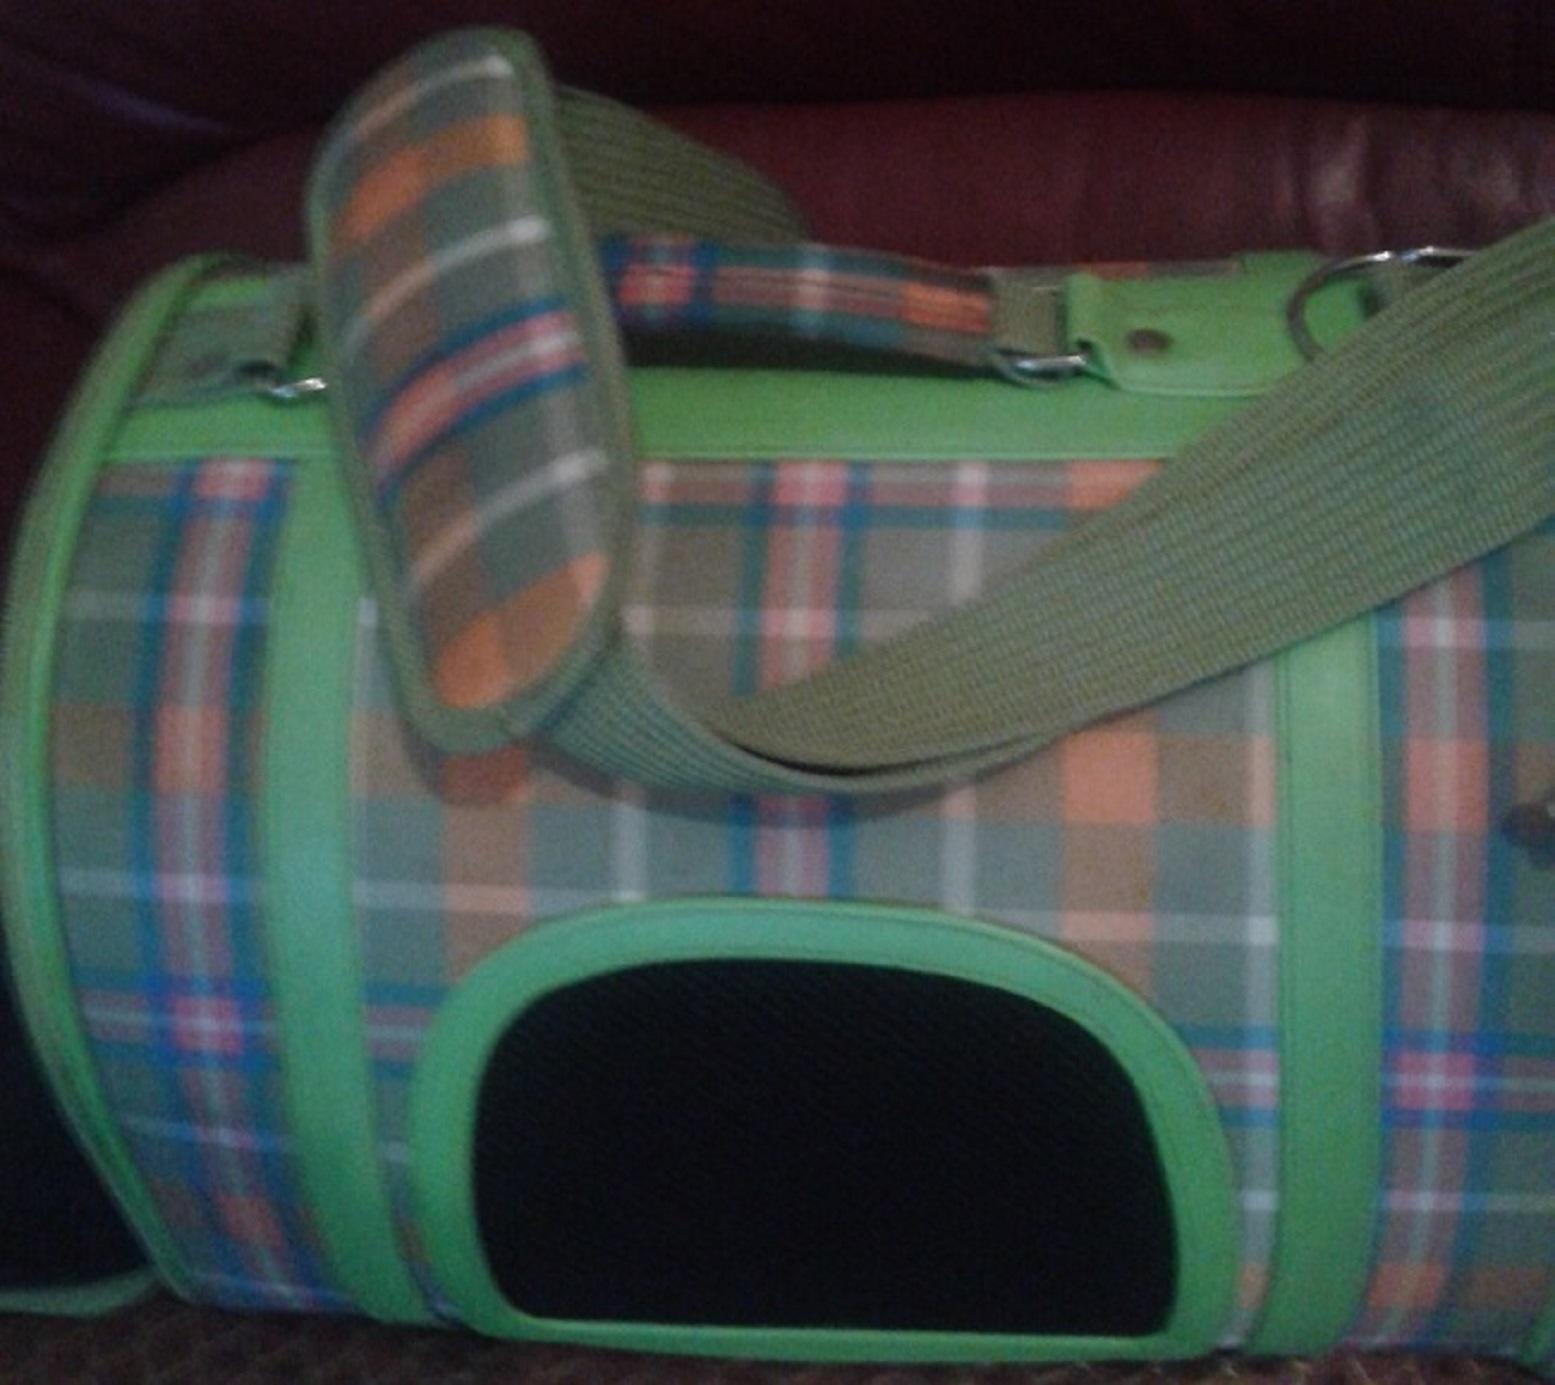 SUPERB STYLISH PET CARRIER BAG UP FOR SALE.